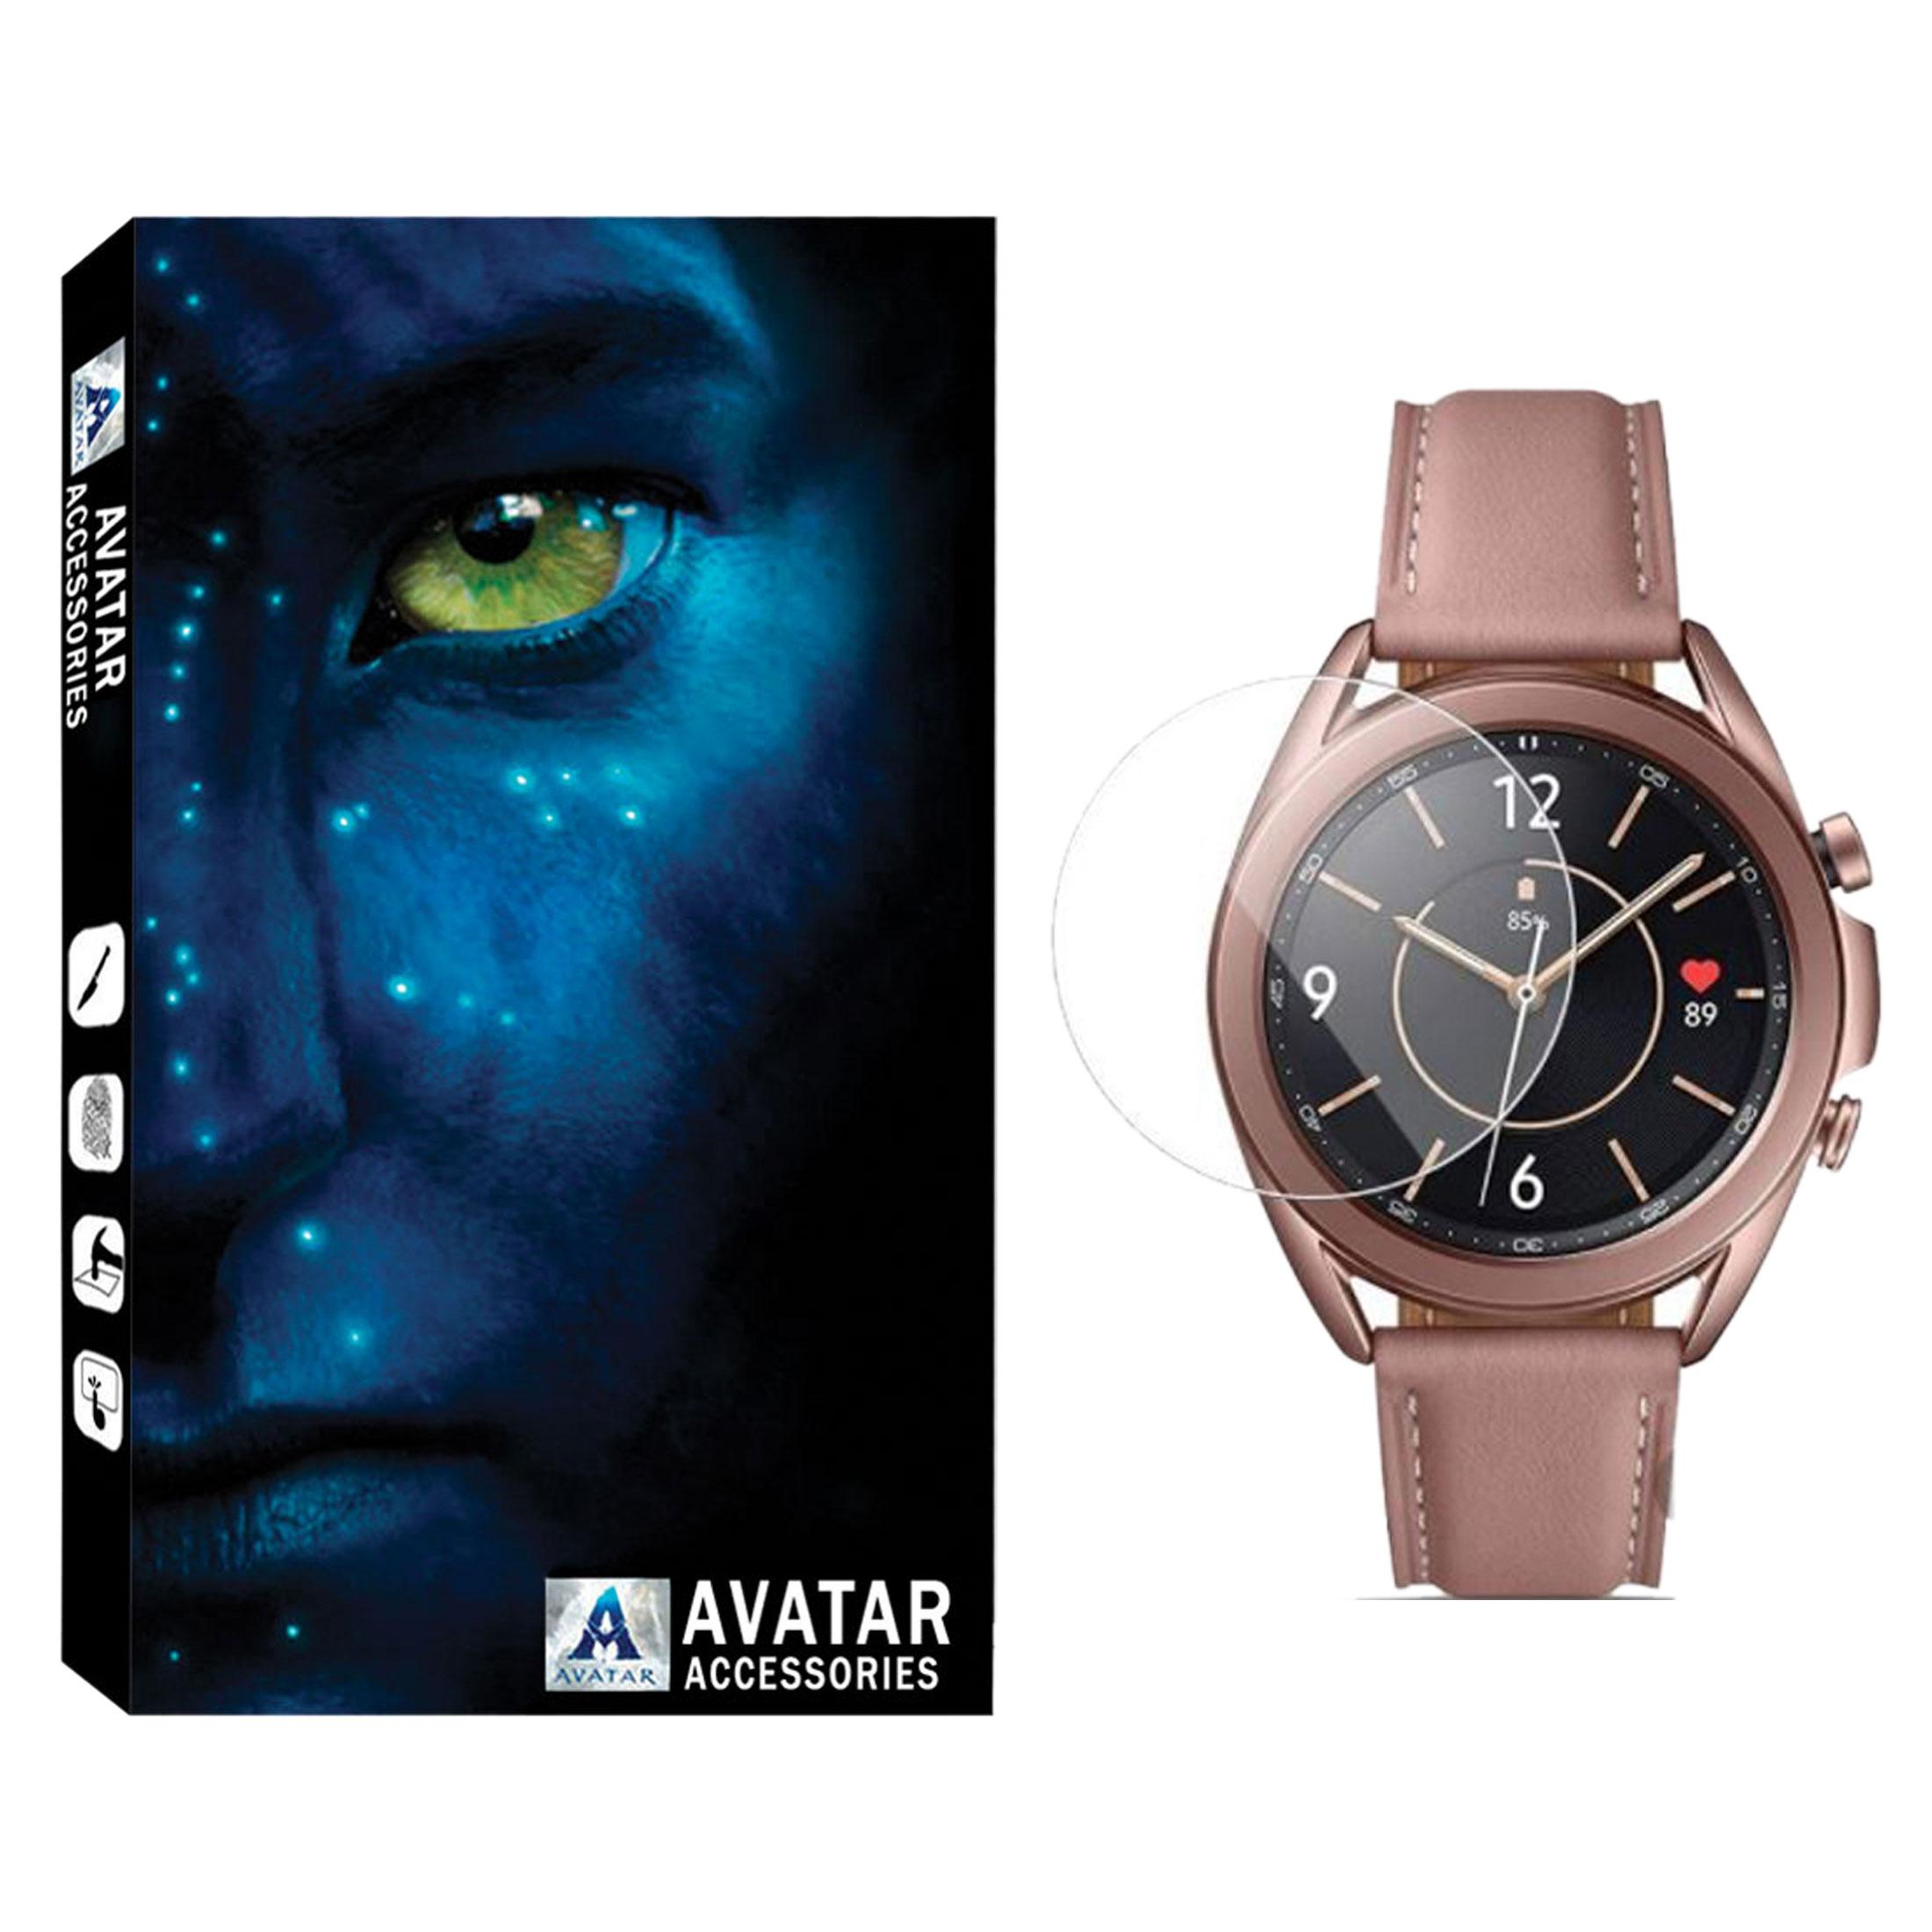 محافظ صفحه نمایش آواتار مدل TPAV-01 مناسب برای ساعت هوشمند سامسونگ Galaxy Watch Active 3 41mm